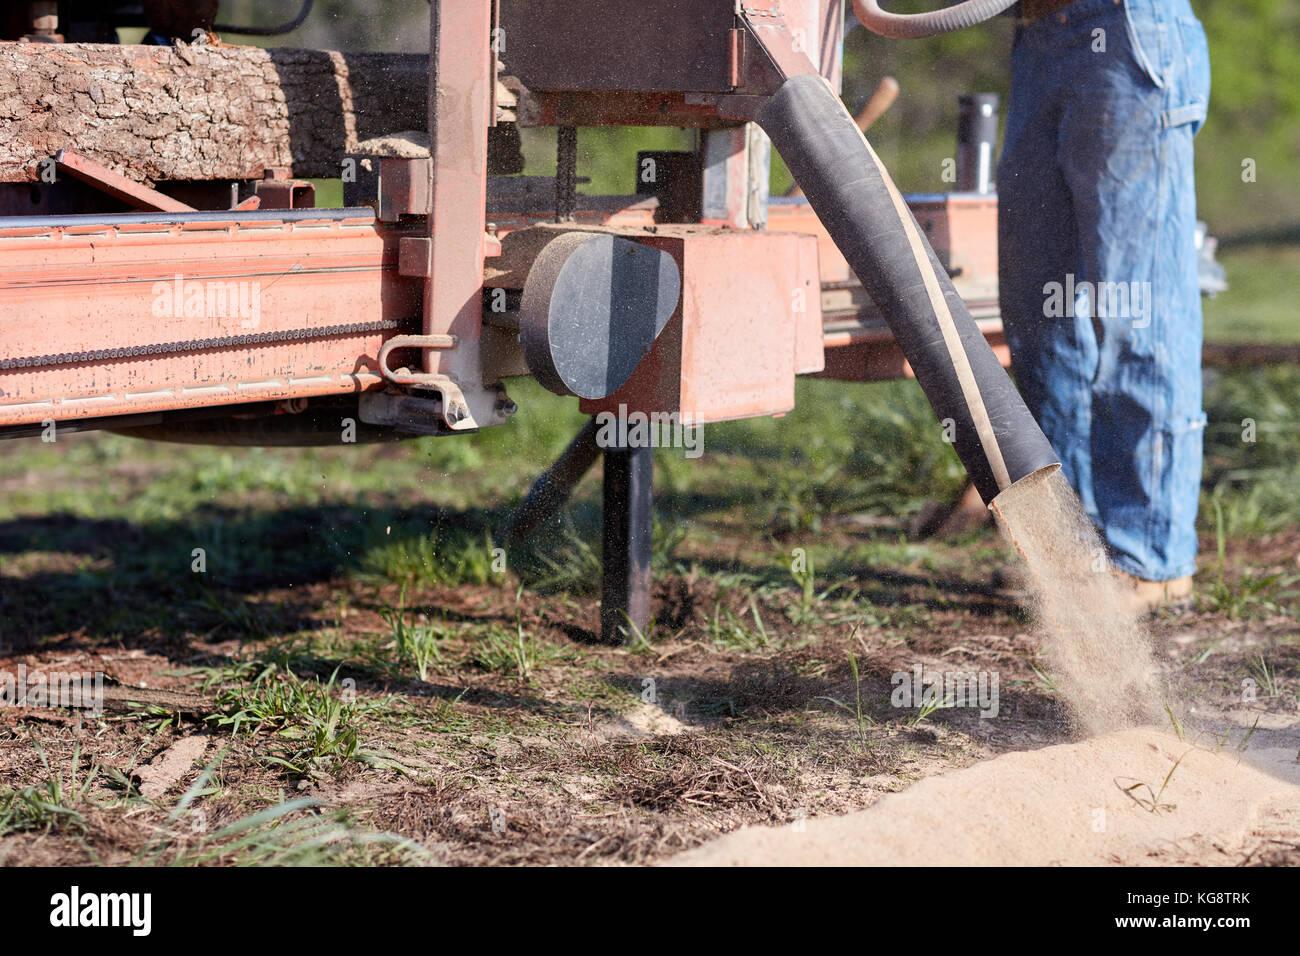 Arbeitnehmer In Einem Sagewerk Frasen Holz Im Freien Auf Ein